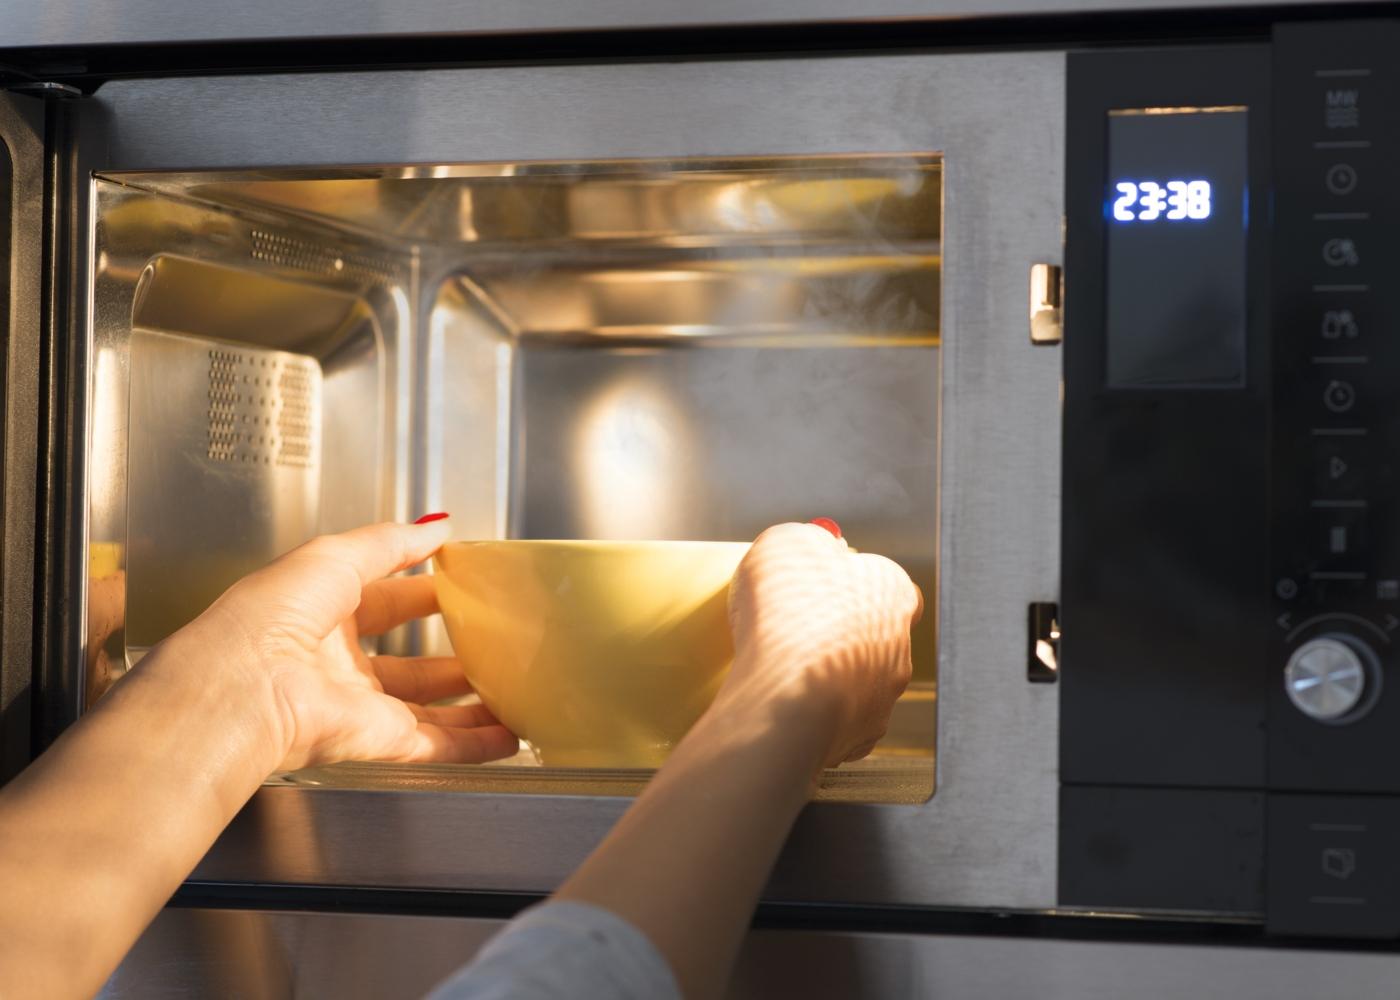 Refeições no micro-ondas: mulher a aquecer sopa